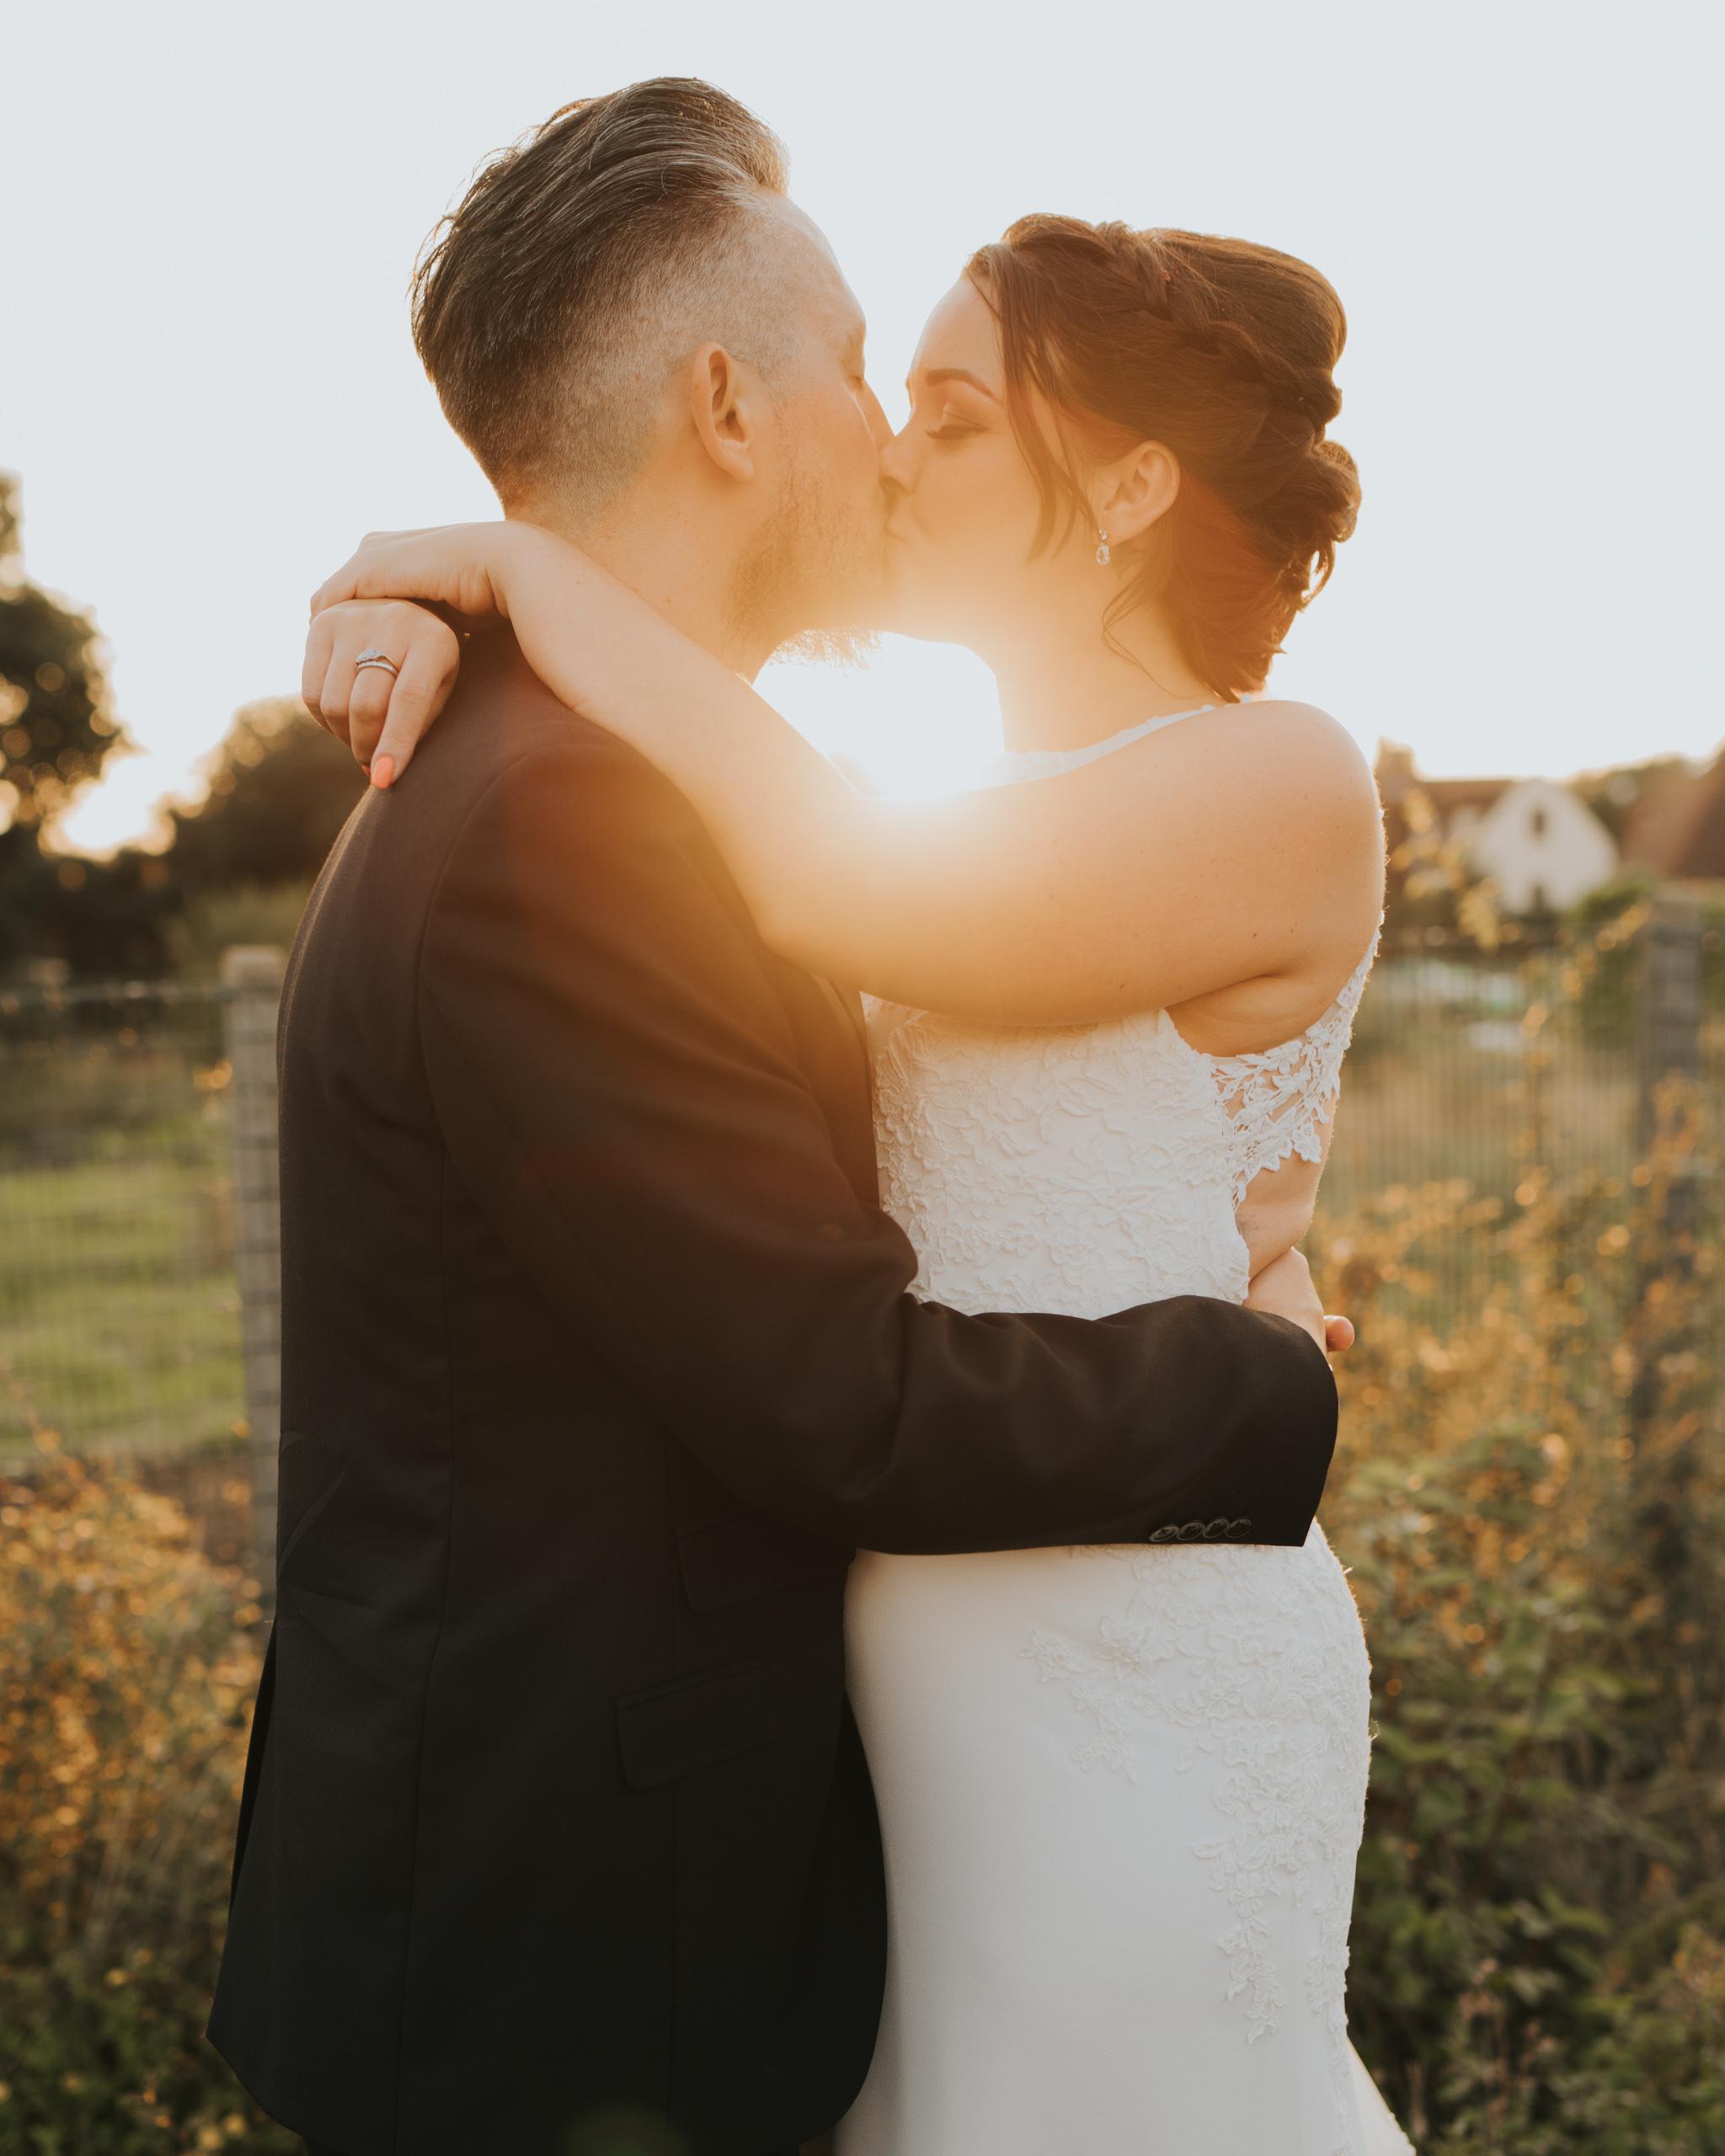 Joe-Tiffany-Colchester-Castle-Wedding-Essex-Grace-Elizabeth-Colchester-Essex-Alternative-Wedding-Photographer-Suffolk-Norfolk-Devon (101 of 122).jpg